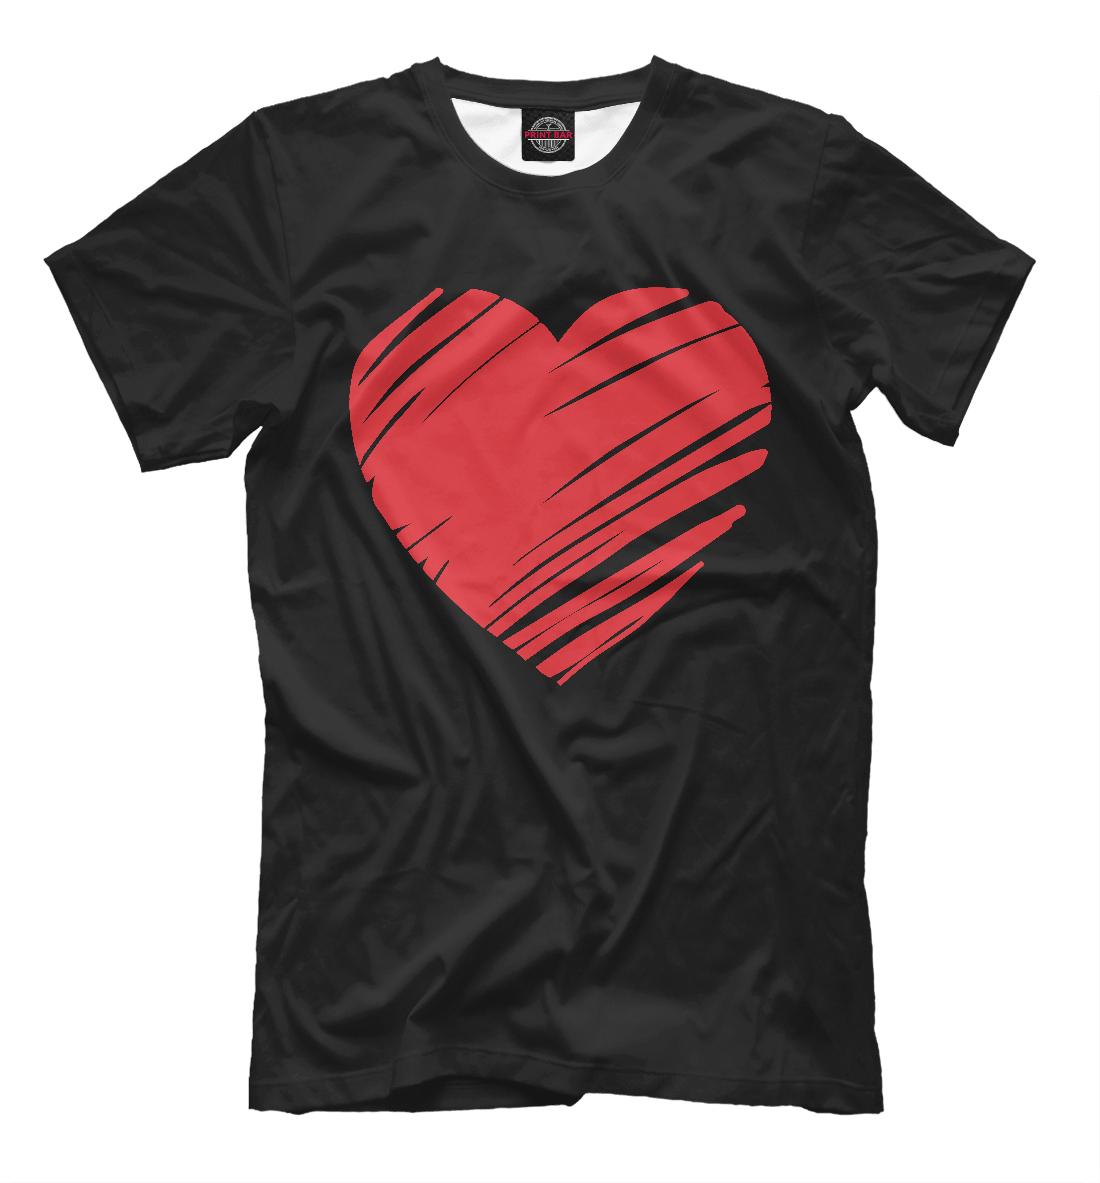 Купить Ленточное сердечко, Printbar, Футболки, 14F-993145-fut-2